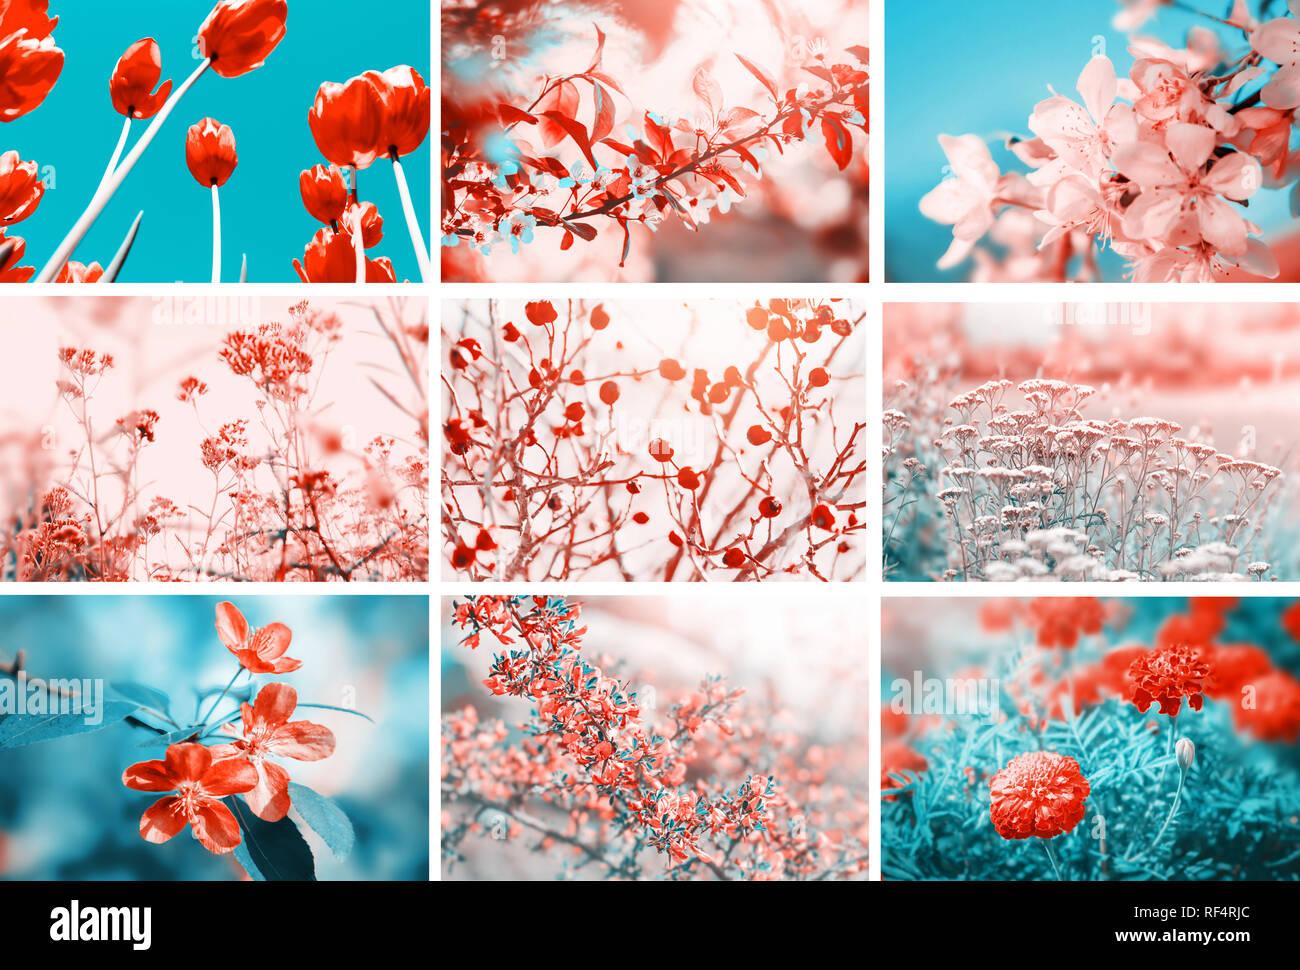 Fleurs différentes fleurit. Collage avec fleurs et plantes. Magnifique nature pastel couleur fond fleuri. Banque D'Images